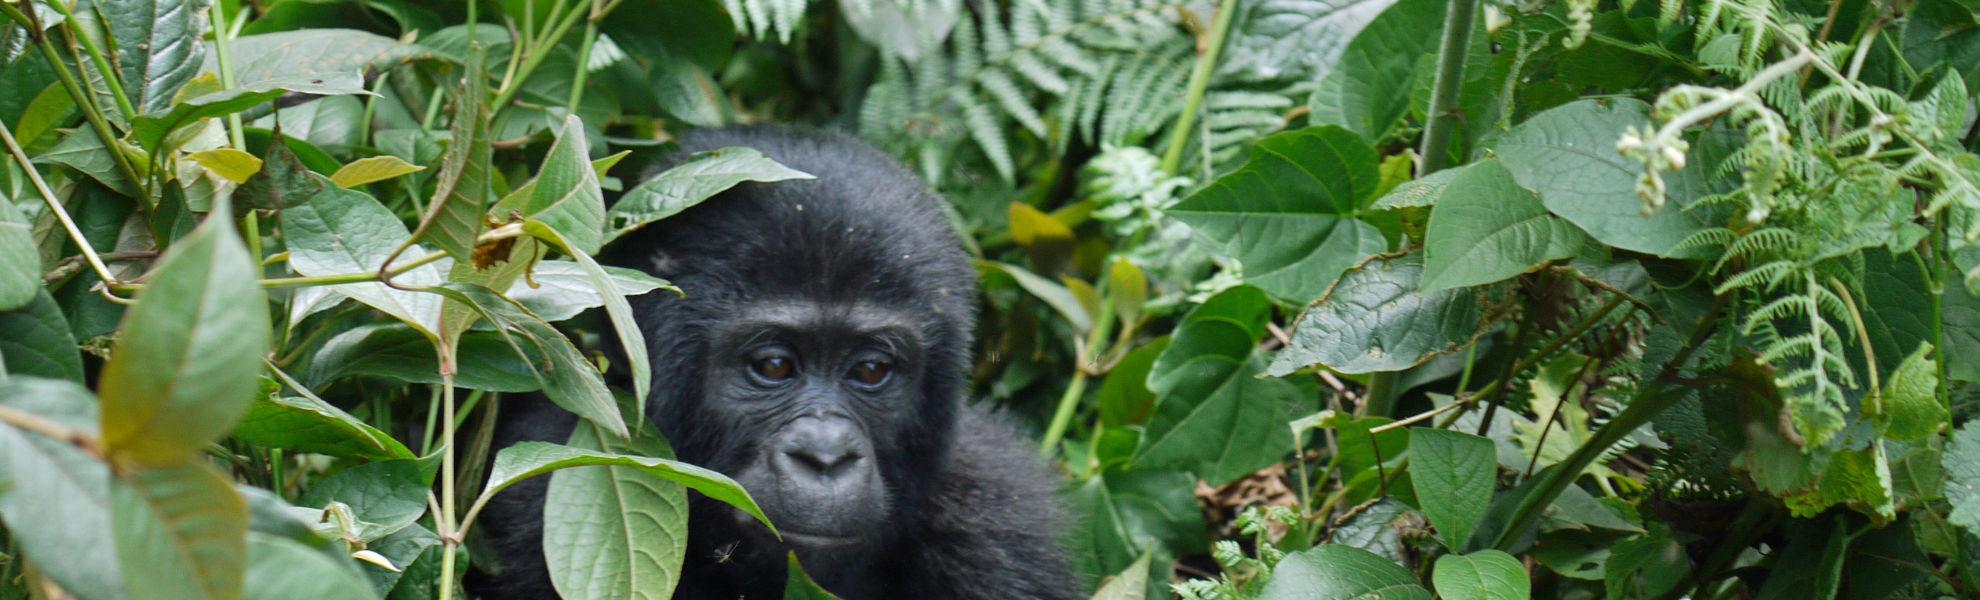 Gorilla Uganda Ruanda Gruppenreise Reisekontor Schmidt